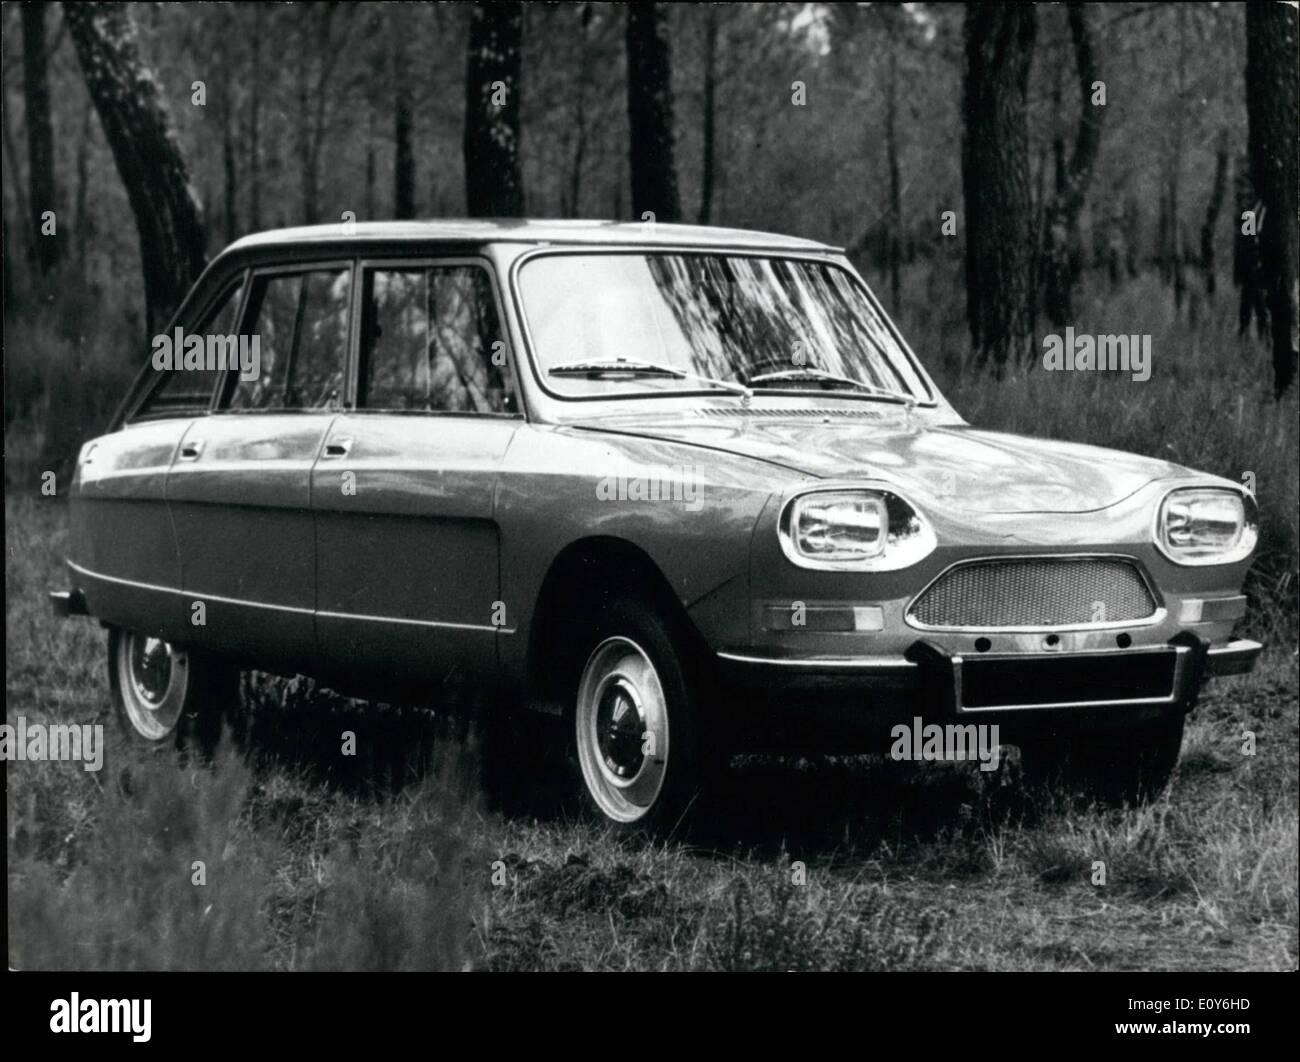 Mar. 03, 1969 - ''Ami'' 8 Attraction Citroen n° 1 au Salon de Genève: l'Assemblée annuelle de l'automobile est aujourd'hui détenu à Genève. Photo montre la nouvelle voiture Citroen Ami ''8'' au Salon de Genève. Photo Stock